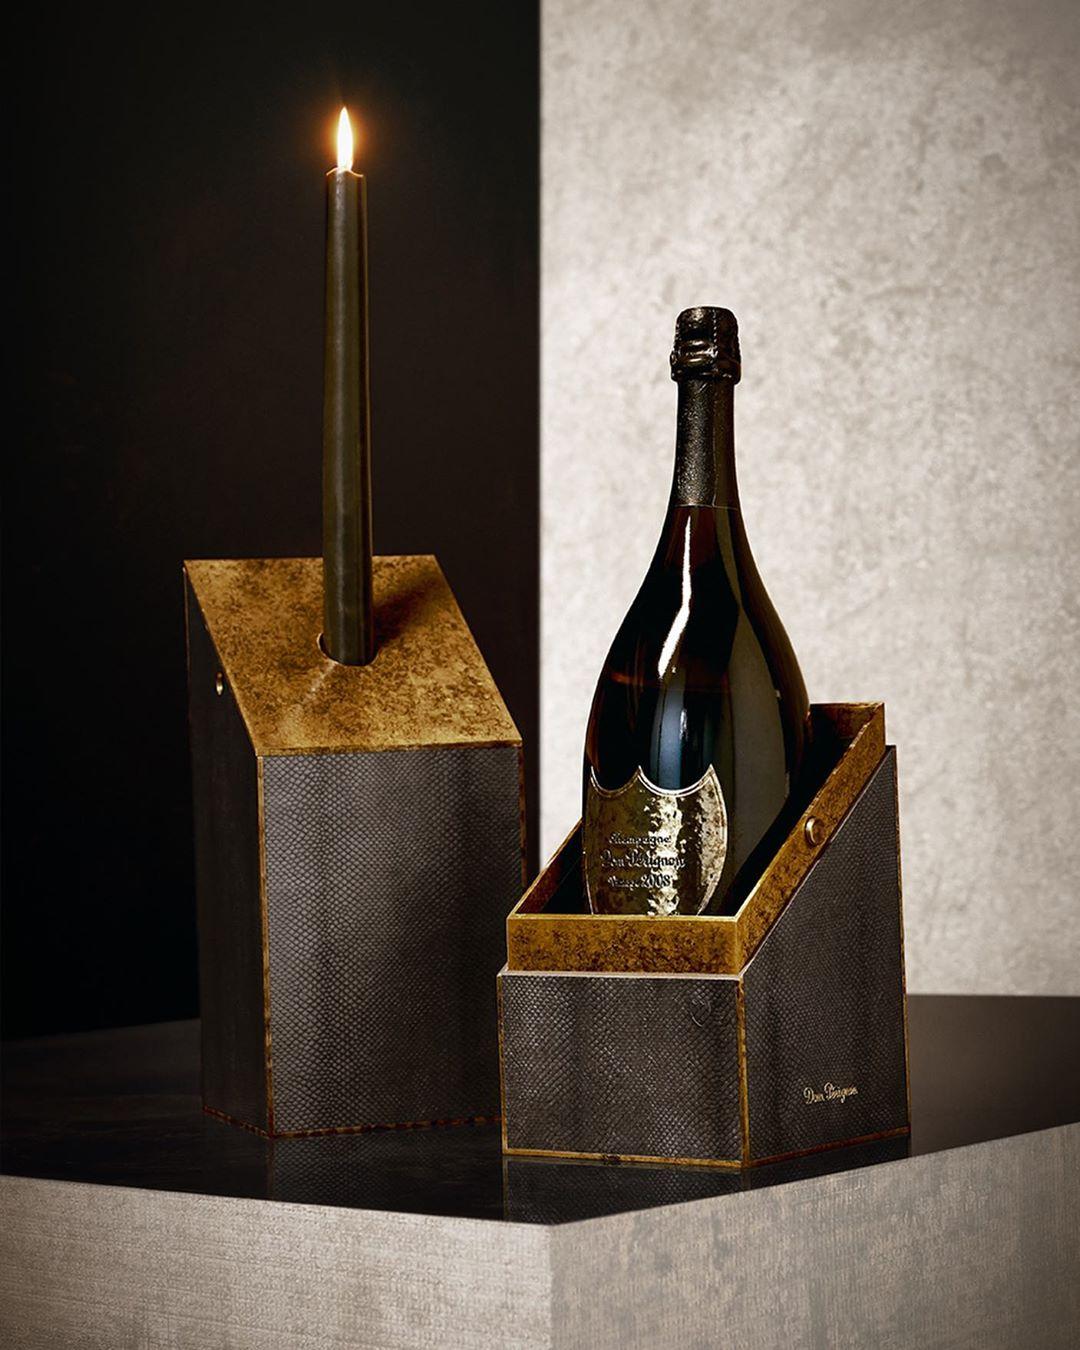 Já pode beber Dom Pérignon com assinatura de Lenny Kravitz